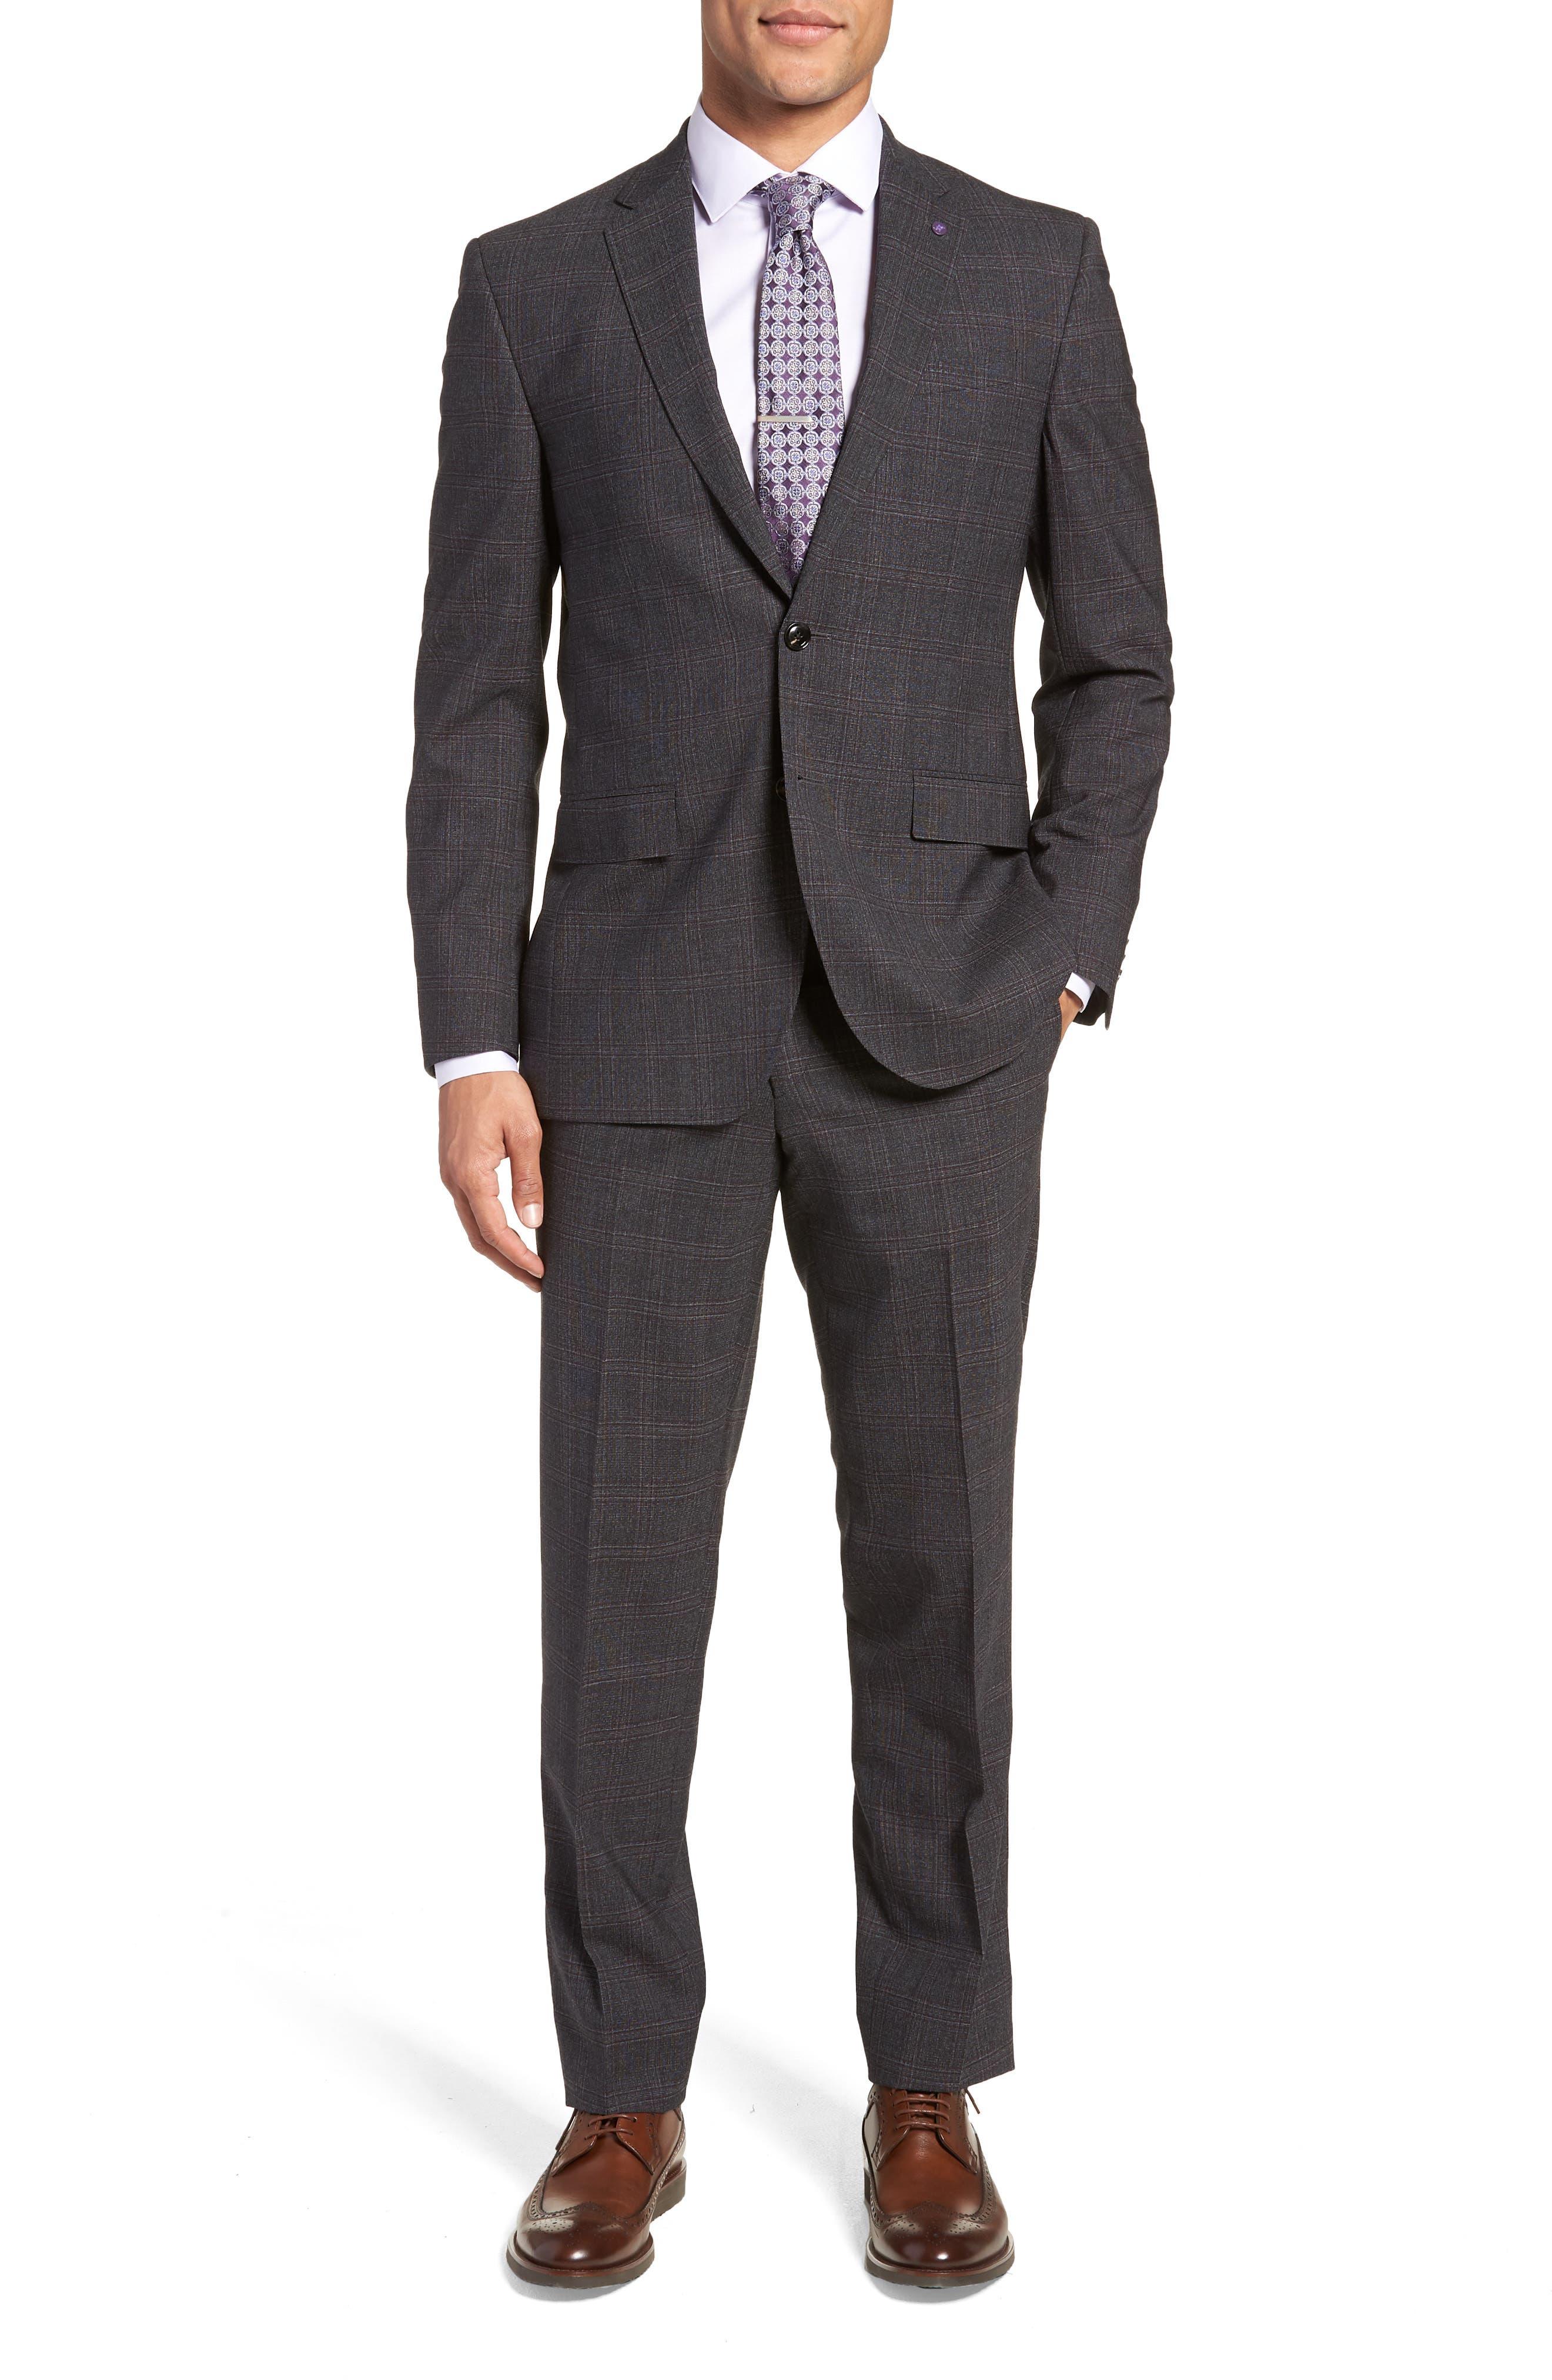 Jay Trim Fit Plaid Wool Suit,                             Main thumbnail 1, color,                             CHARCOAL